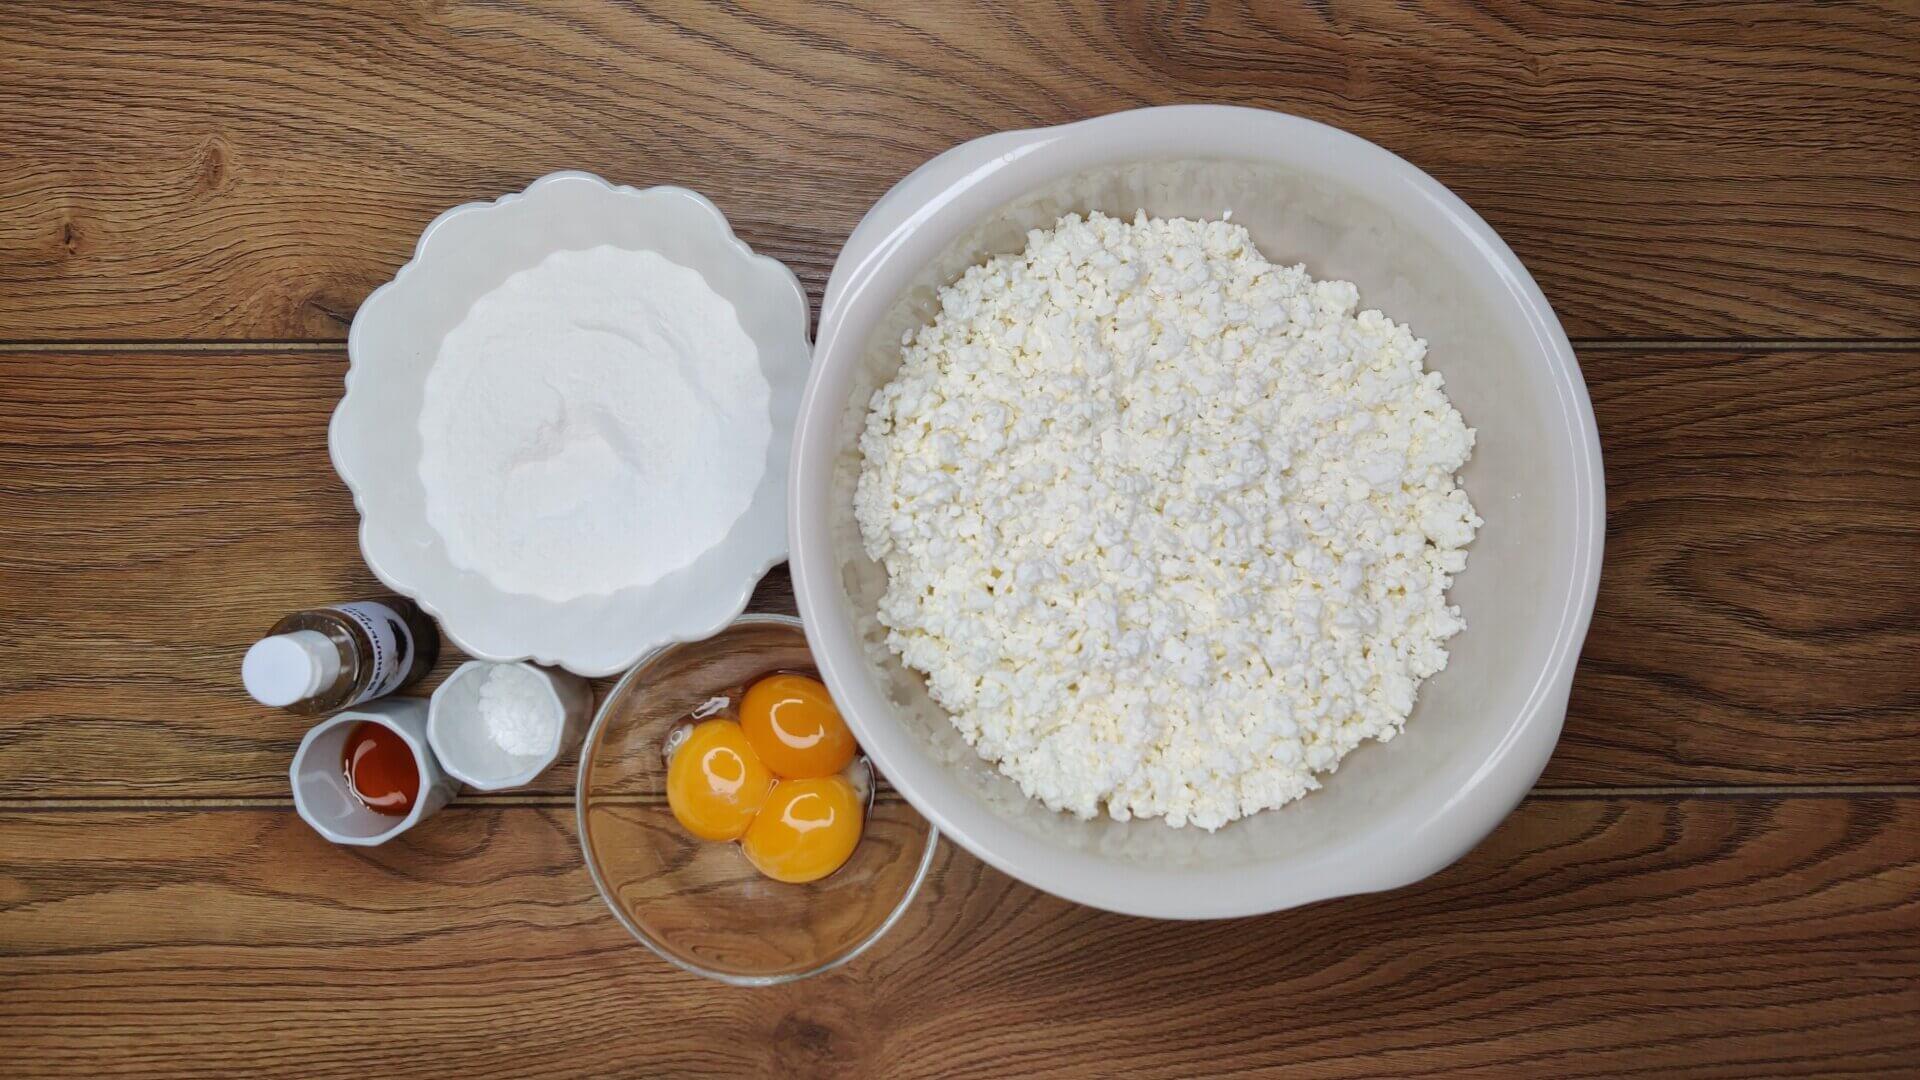 ПП сырники на рисовой муке без сахара